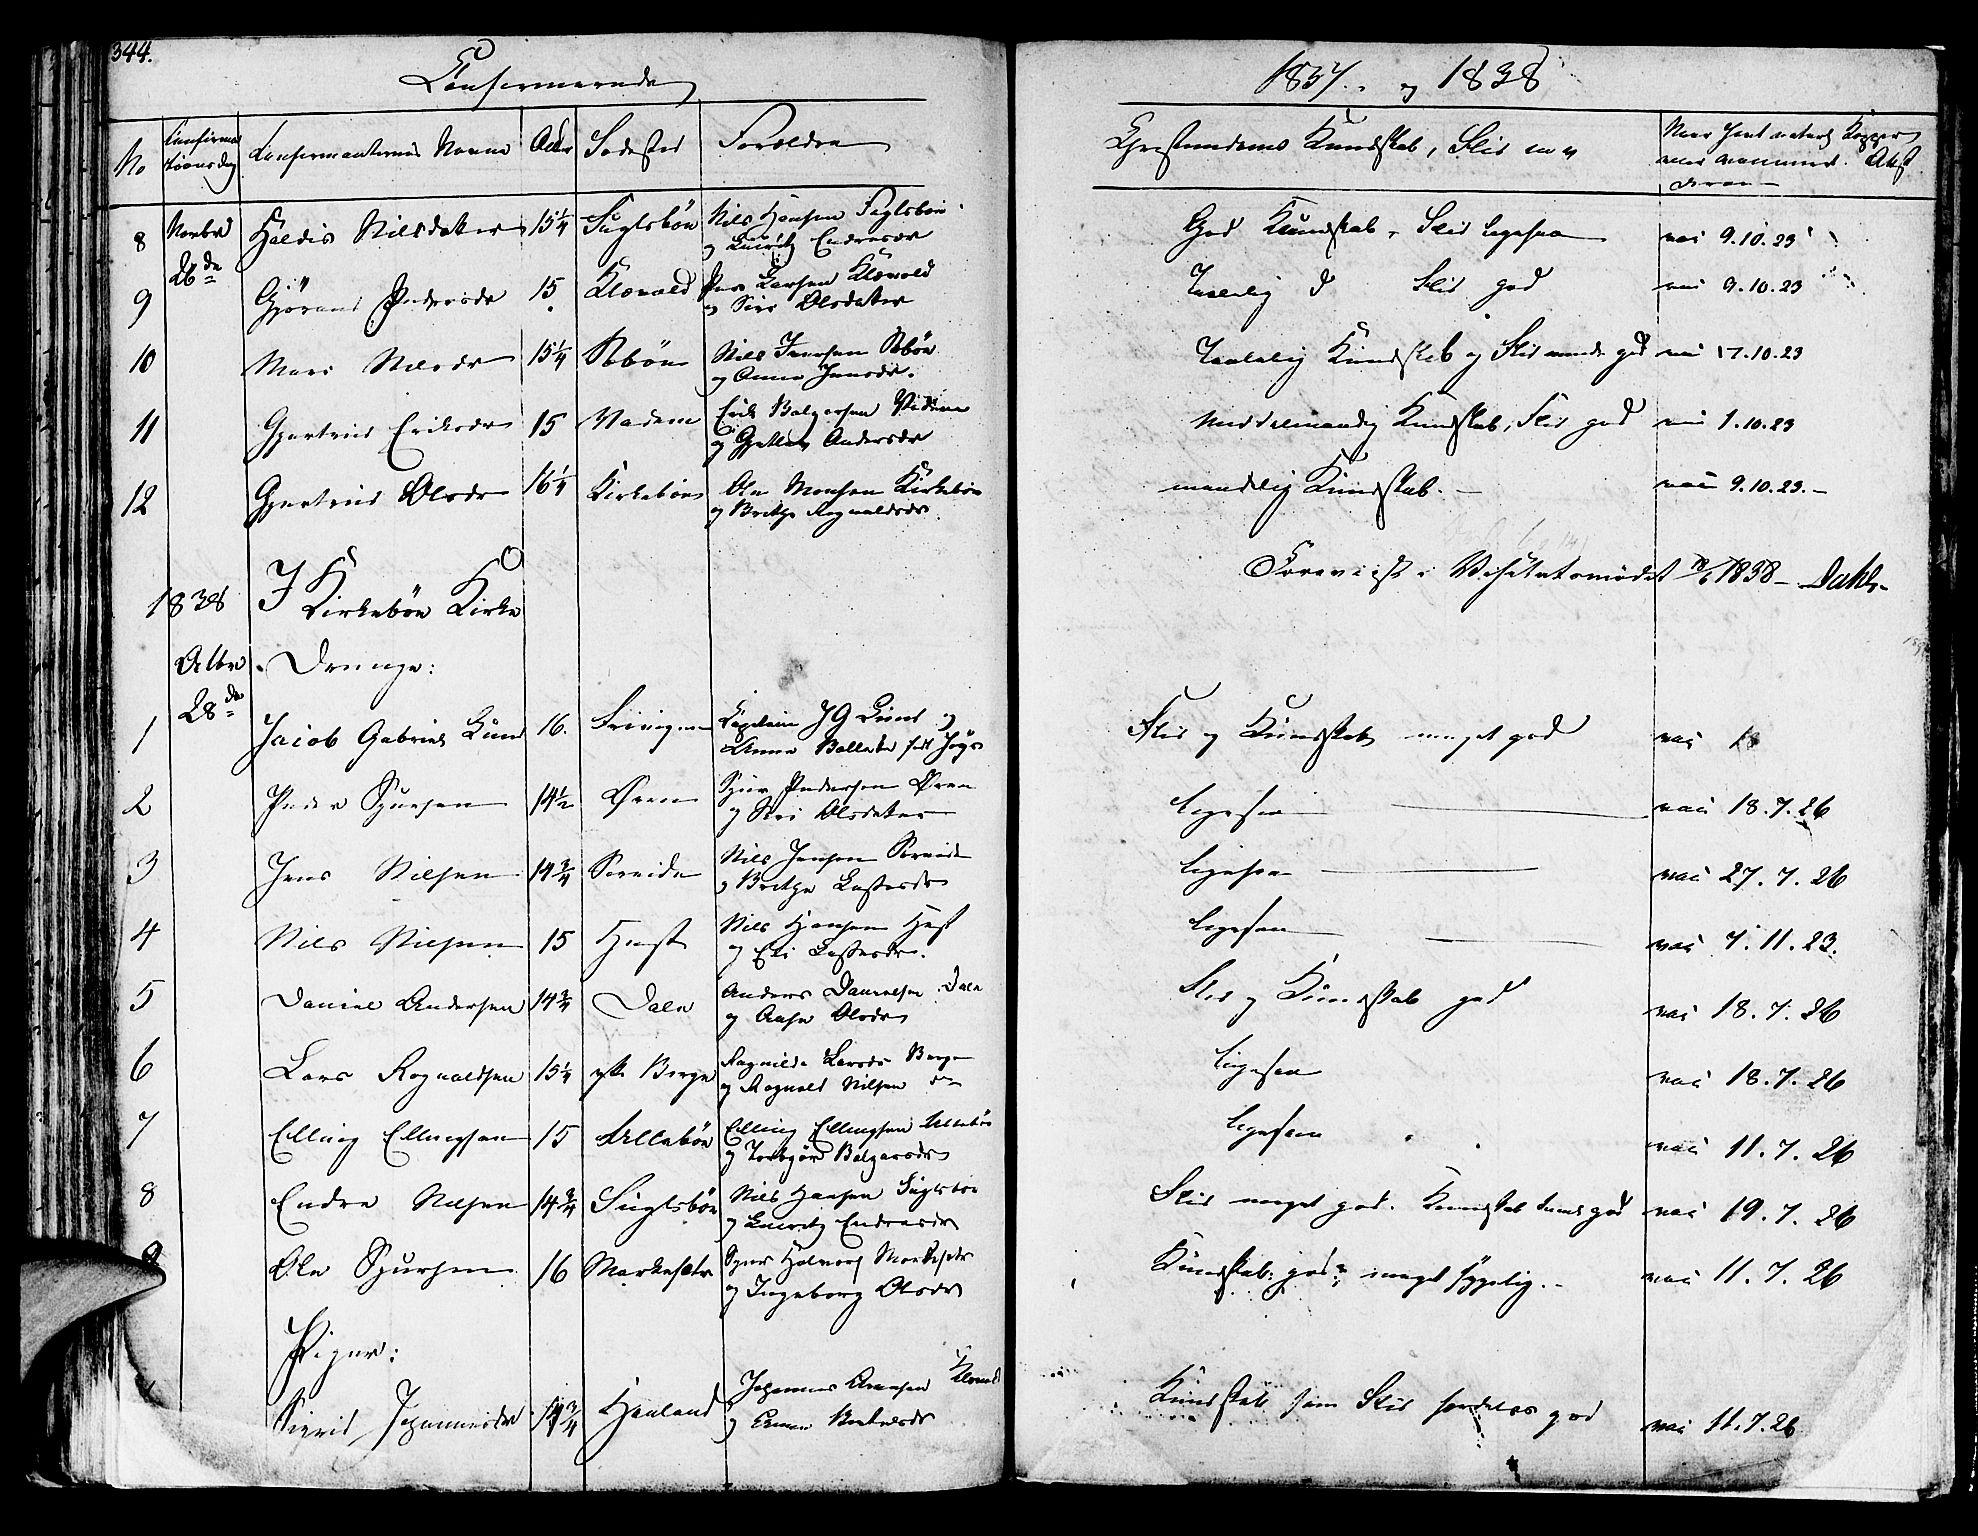 SAB, Lavik sokneprestembete, Ministerialbok nr. A 2I, 1821-1842, s. 344